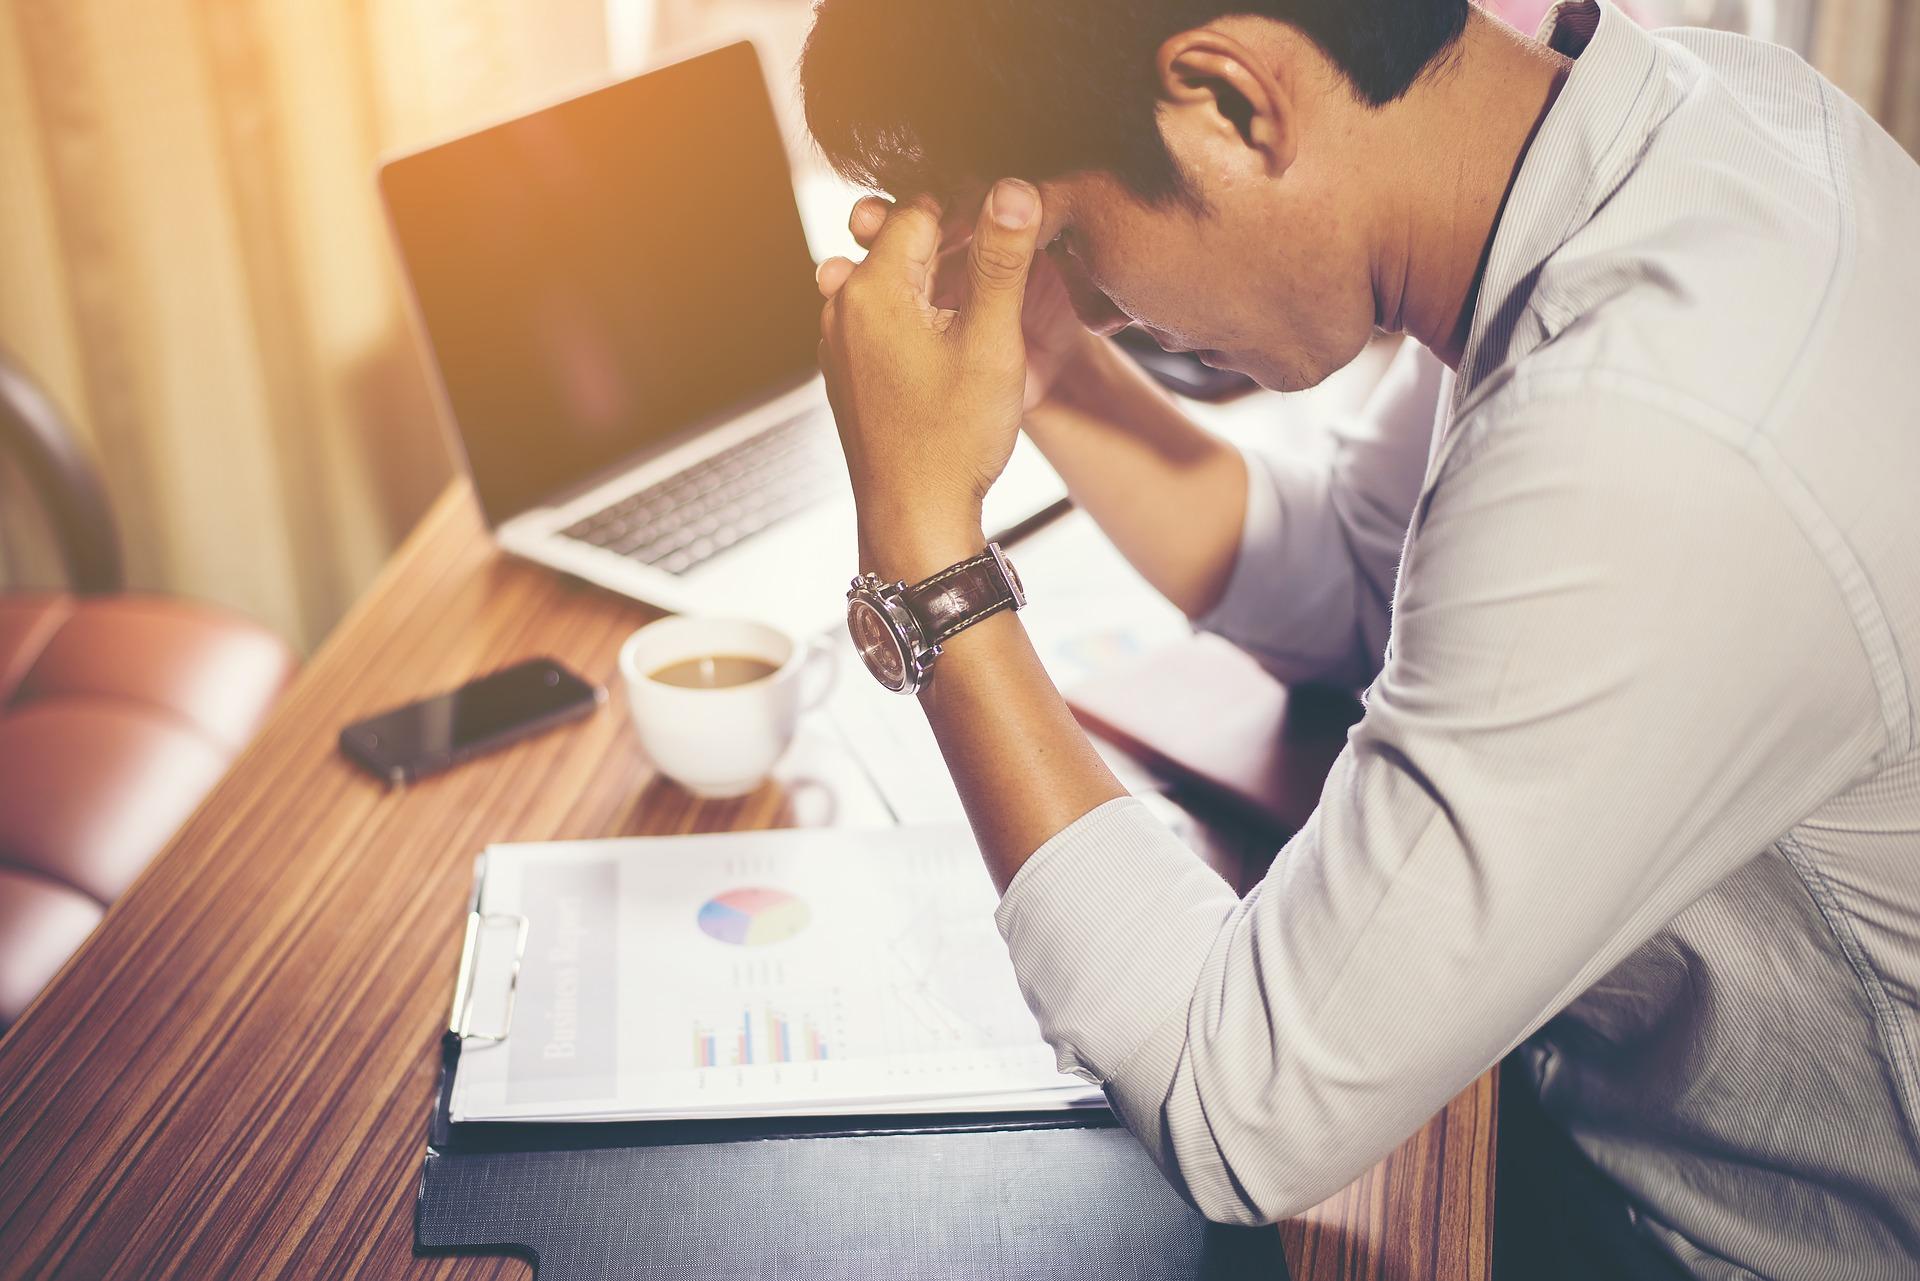 Podpora pri spoprijemanju z stresom